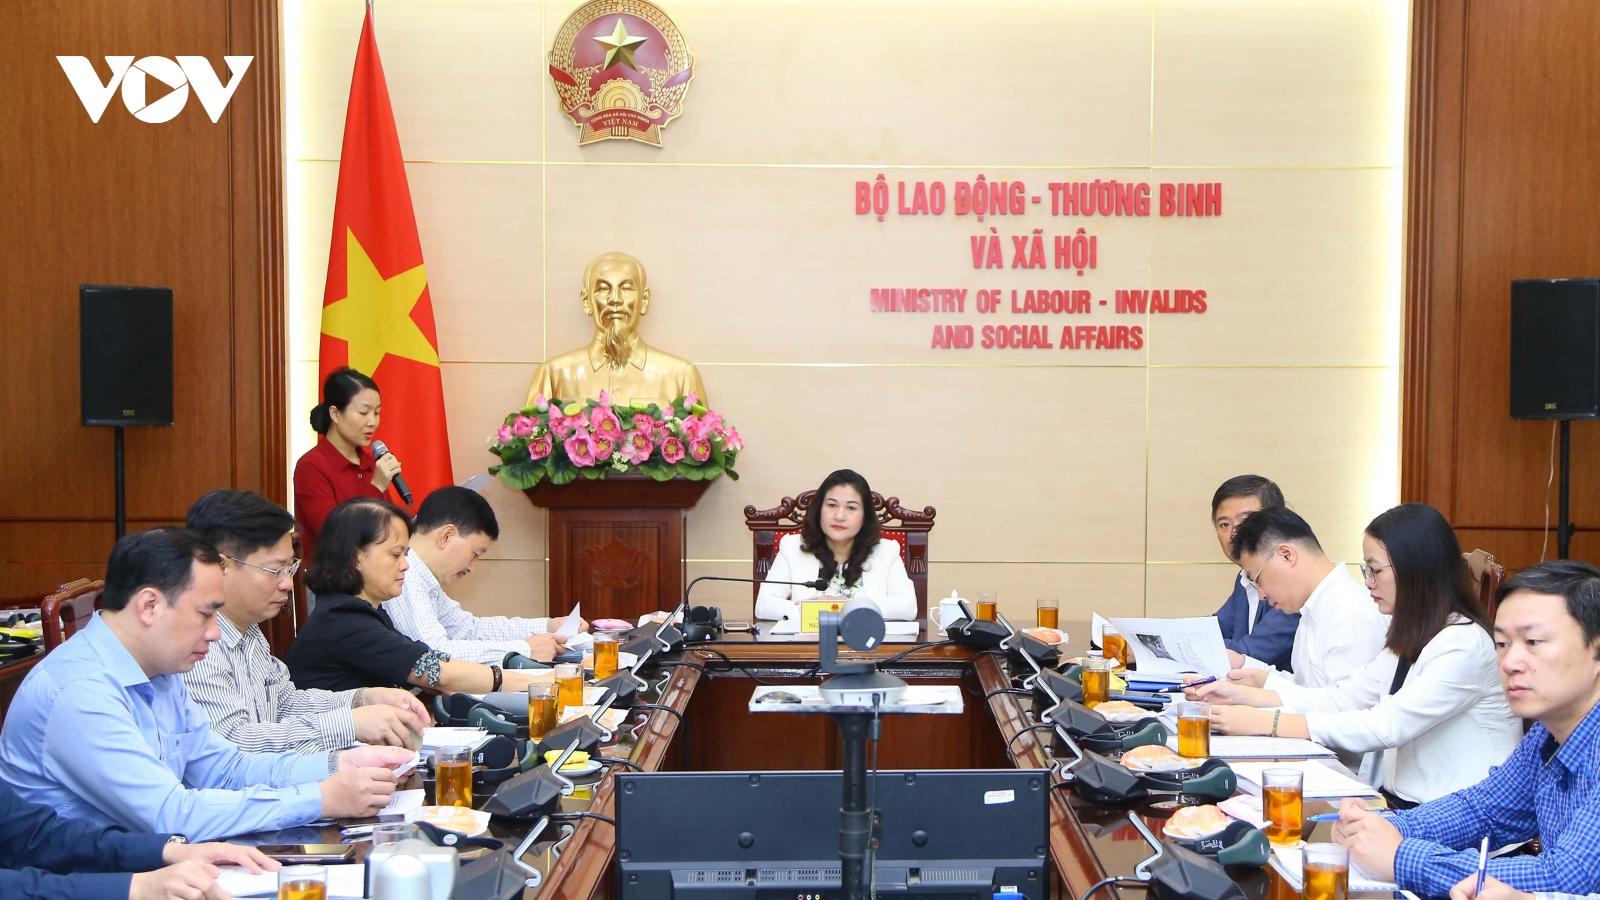 Hợp tác quốc tế mở ra nhiều cơ hội việc làm cho lao động Việt Nam